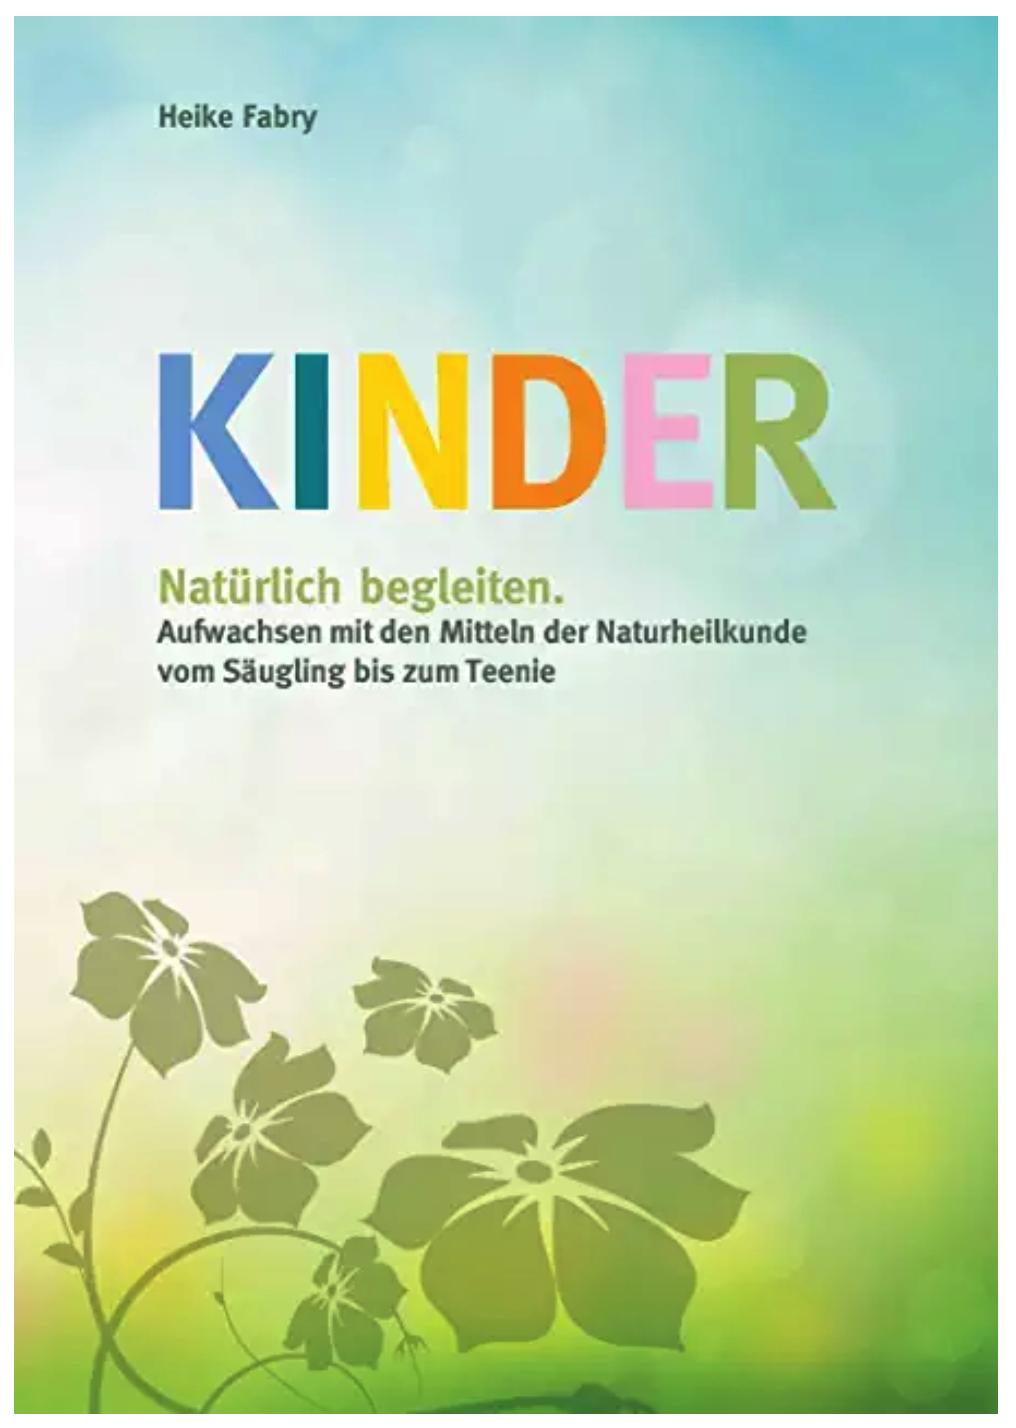 Buch: Kinder natürlich begleiten